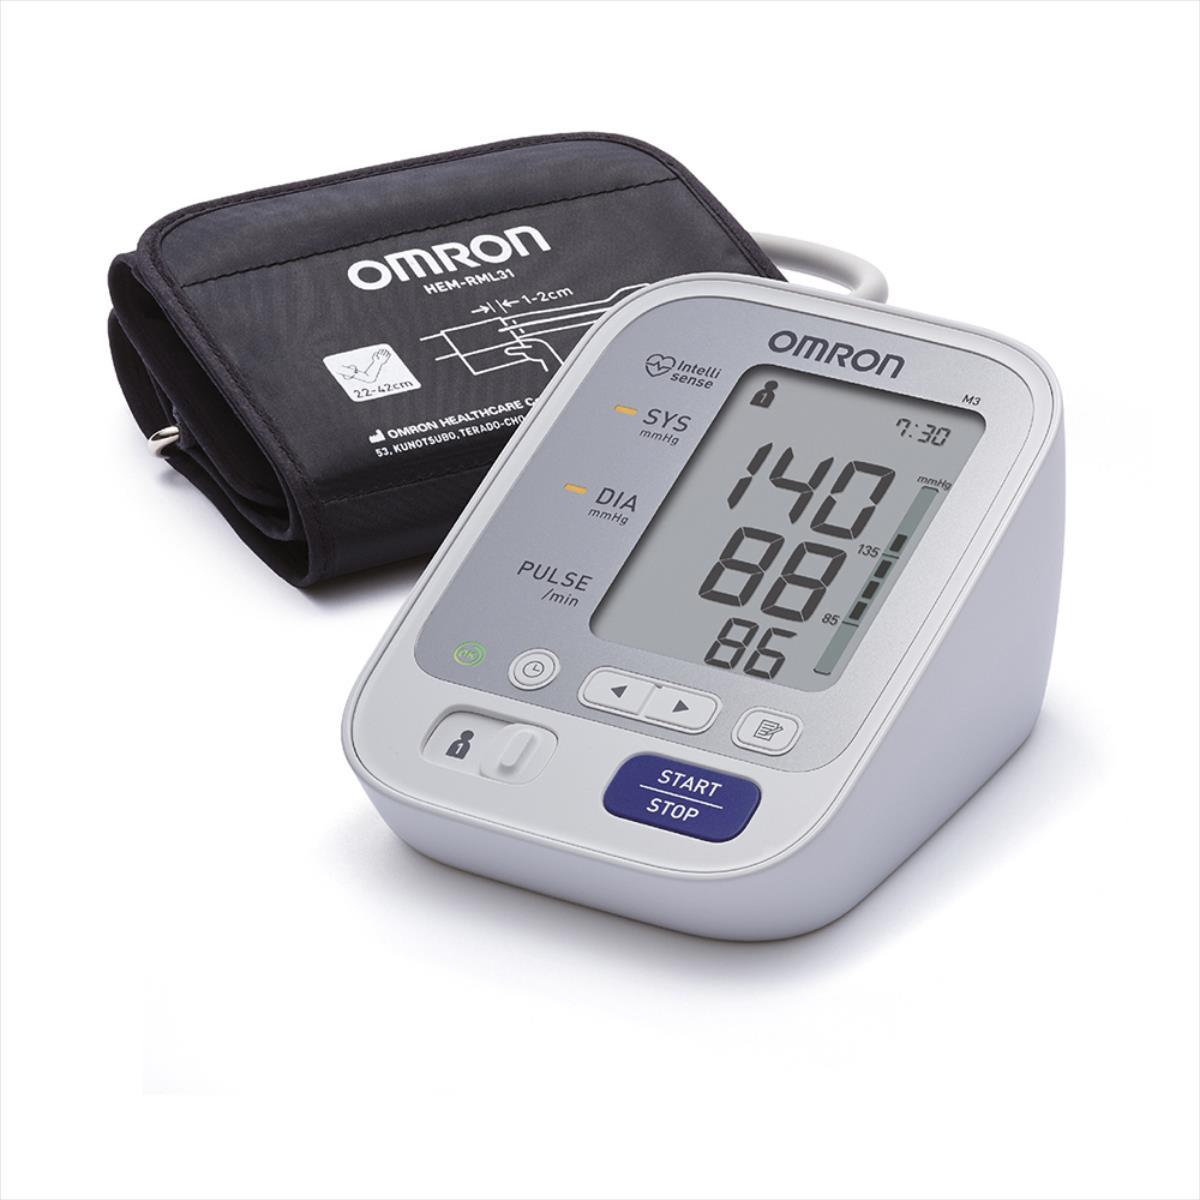 Omron M3 asinsspiediena mērītājs